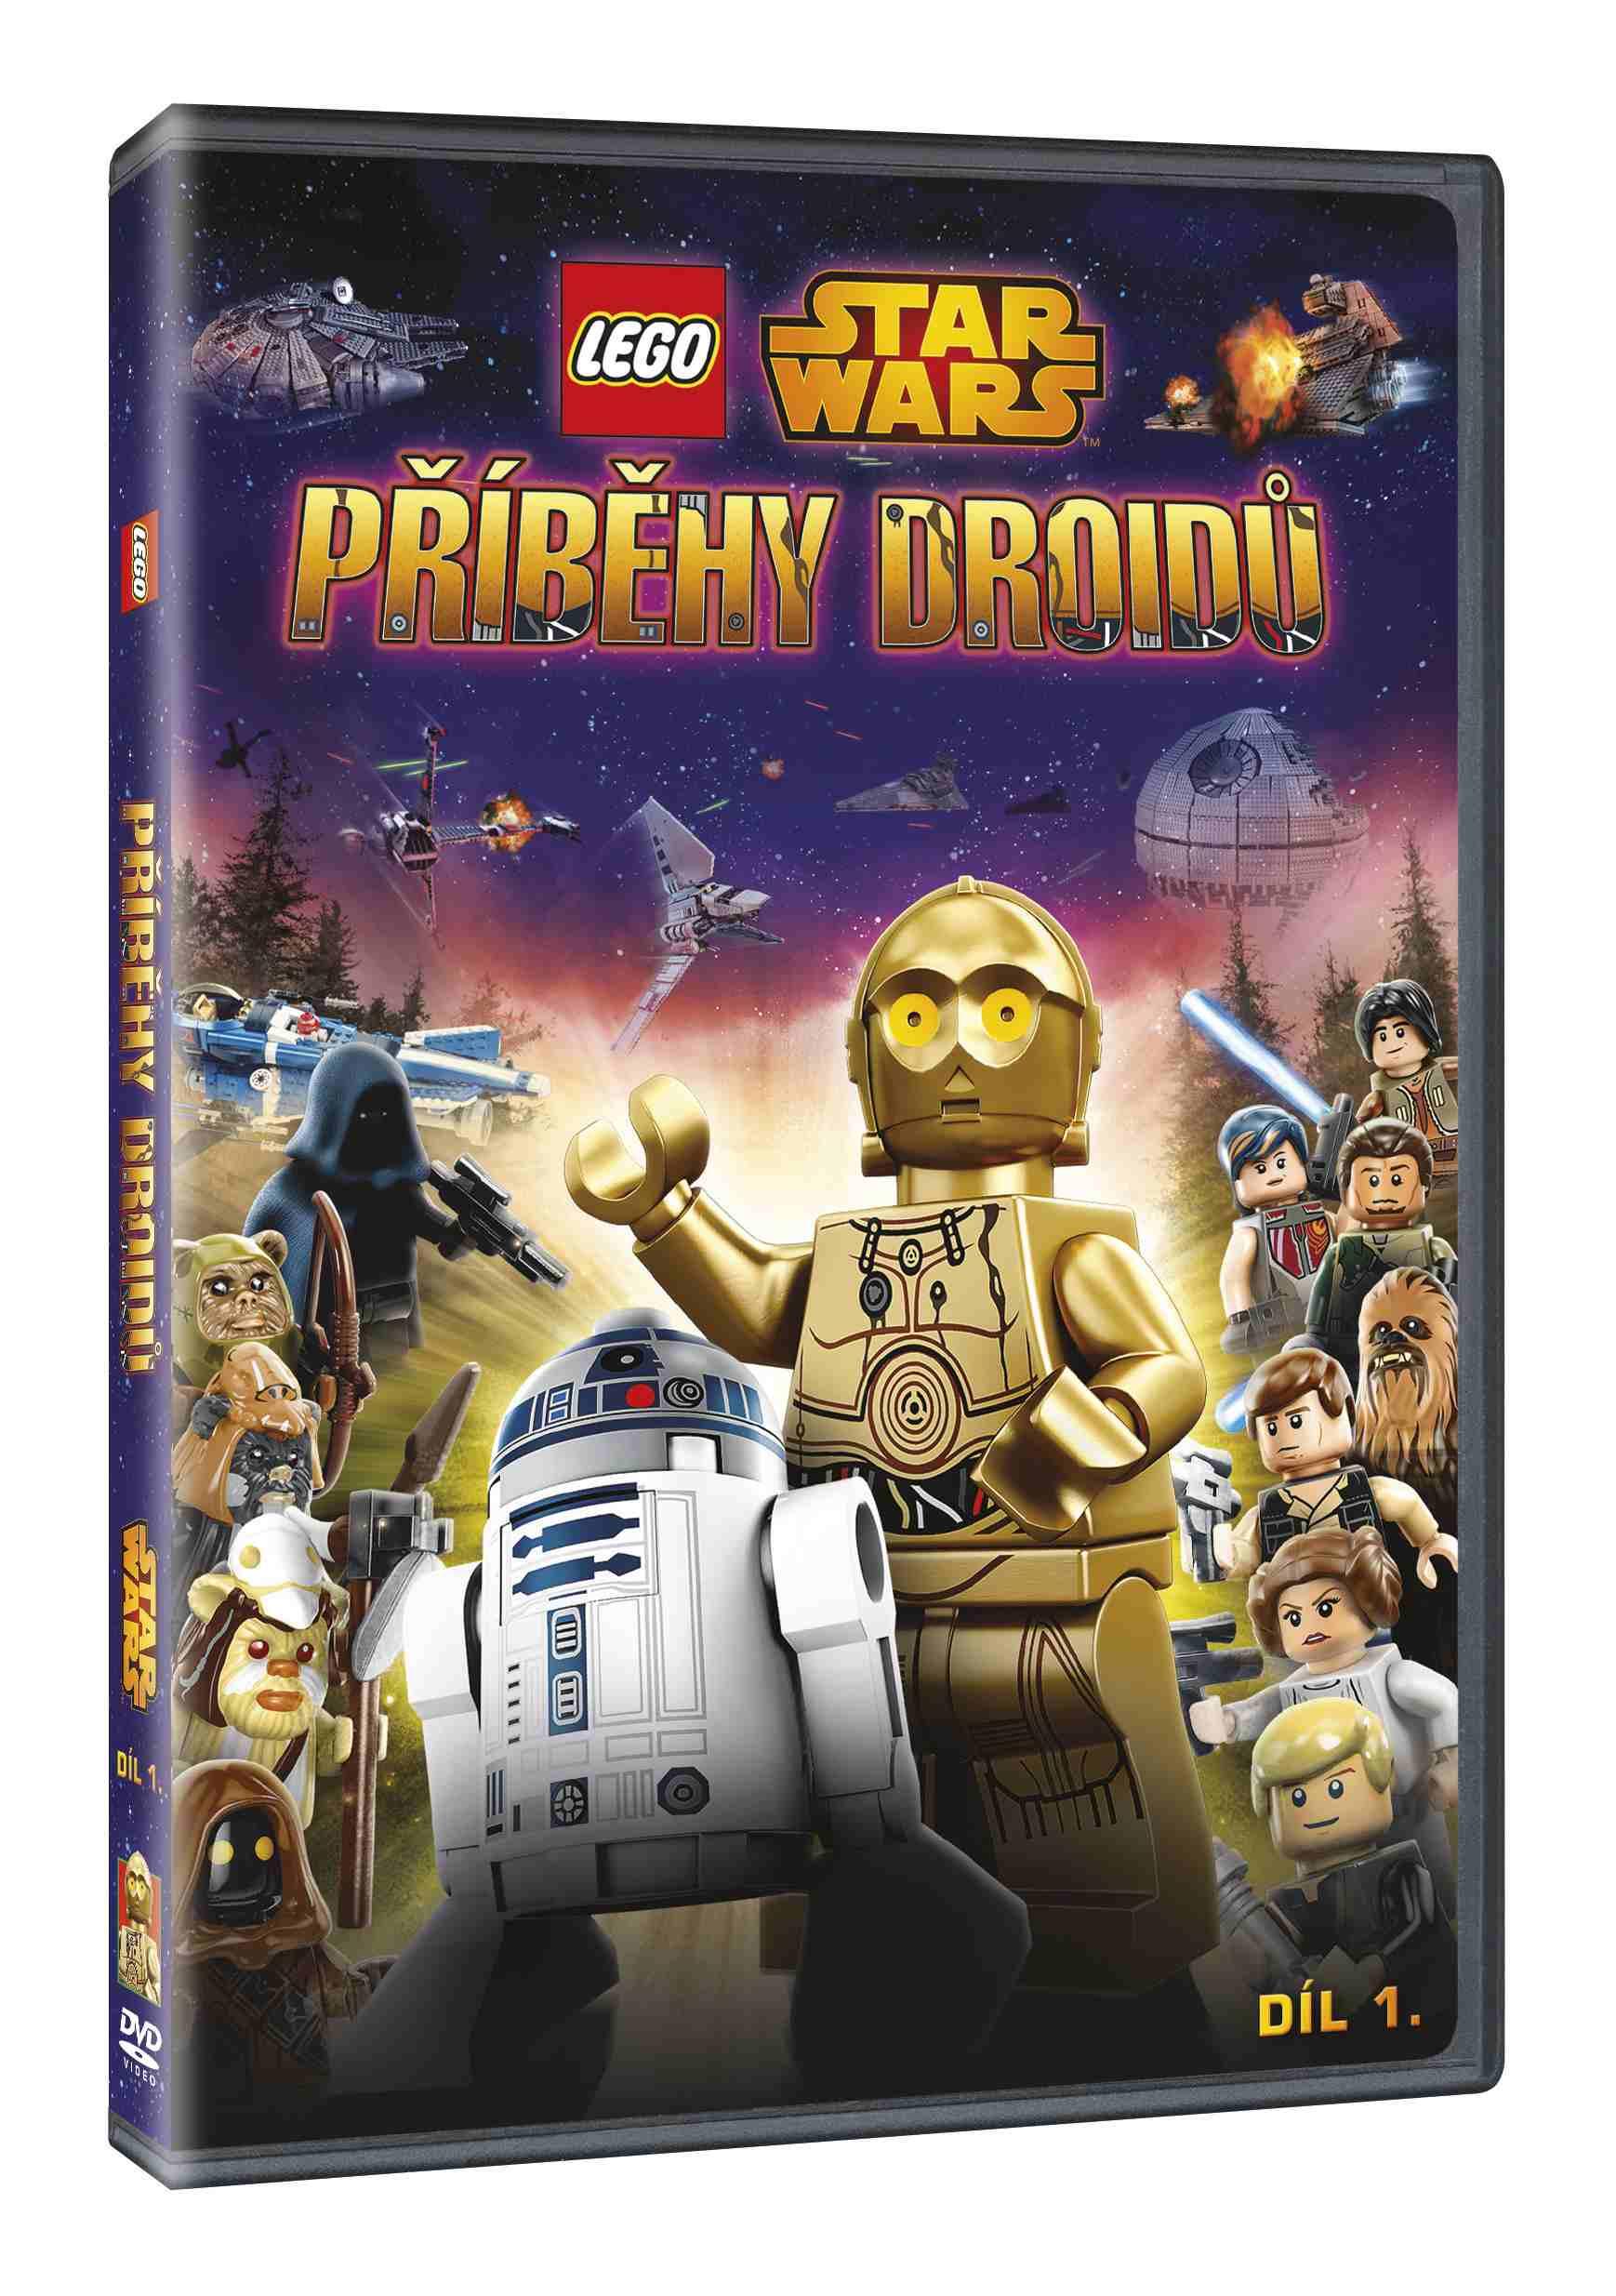 LEGO STAR WARS: PŘÍBĚHY DROIDŮ 1 - DVD